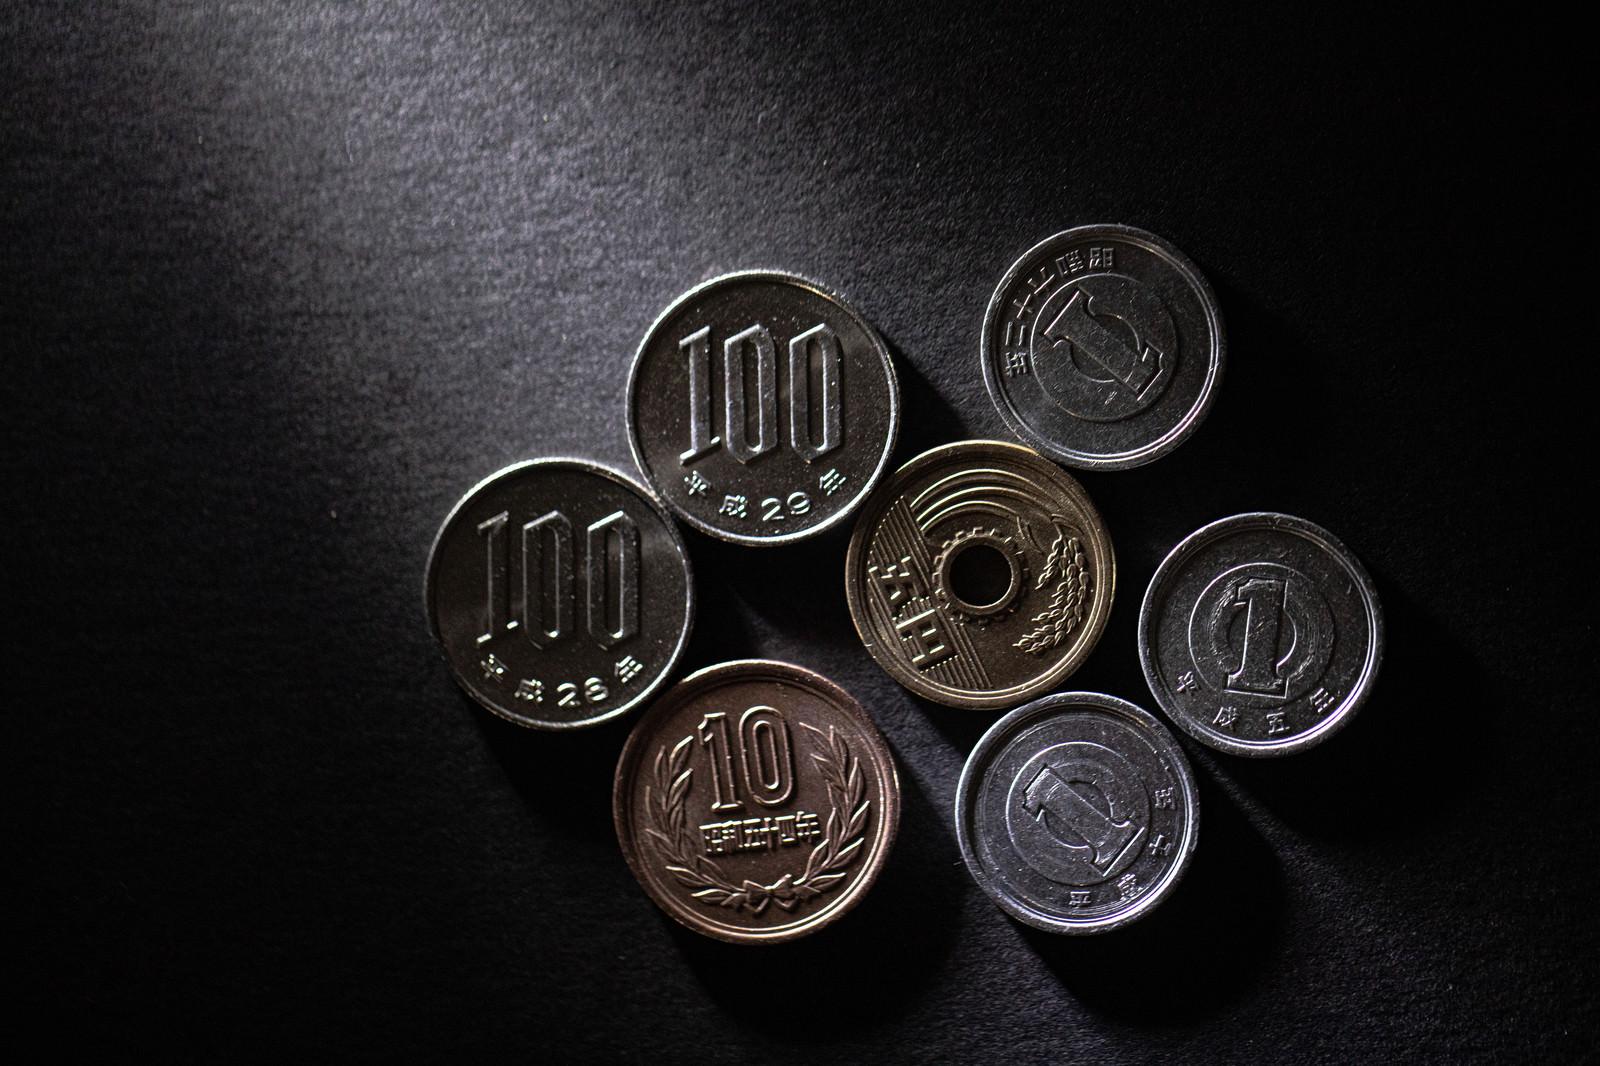 「218円の小銭」の写真